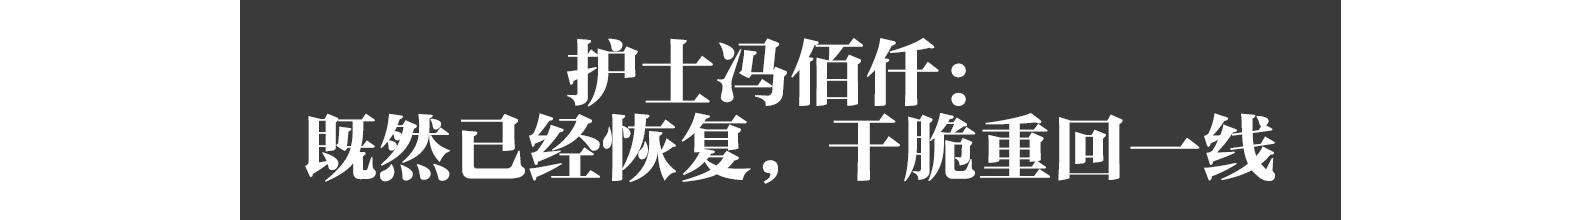 刘洋在 今天武汉封城2个月了这是3个年轻人的60天